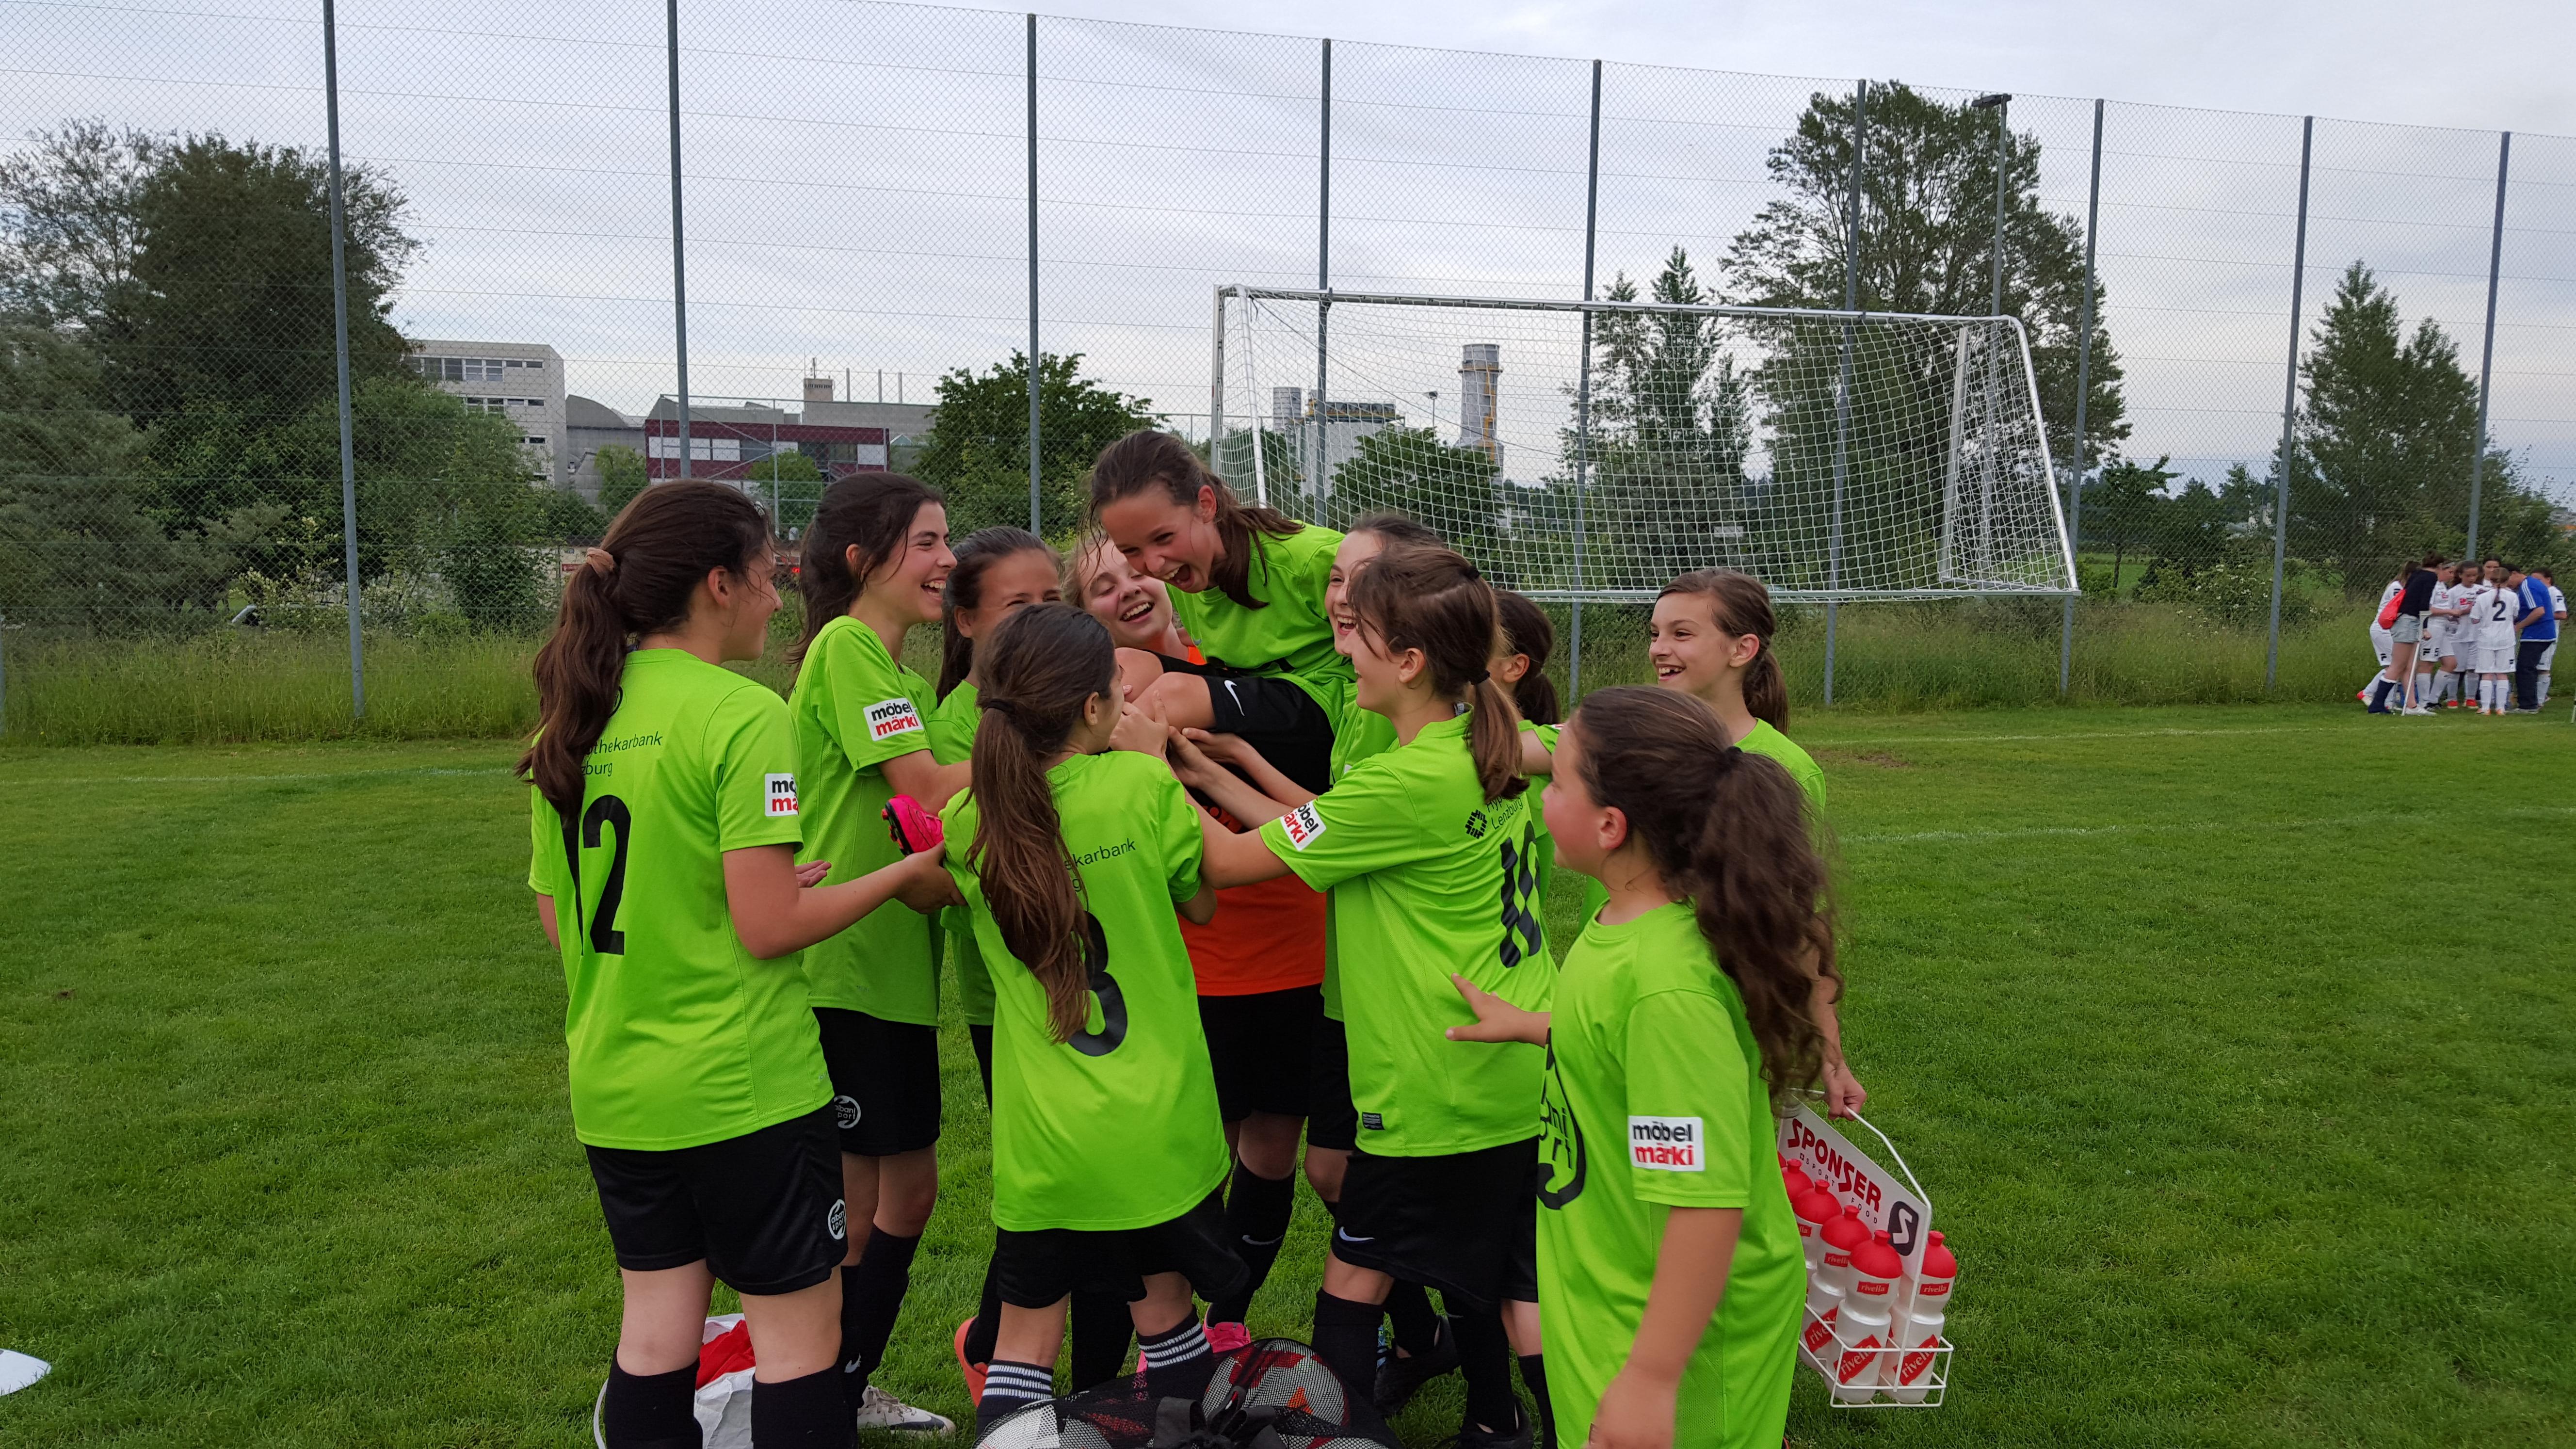 FC-Birr_Erster_Sieg_unserer_Juniorinnen_20160610_200705